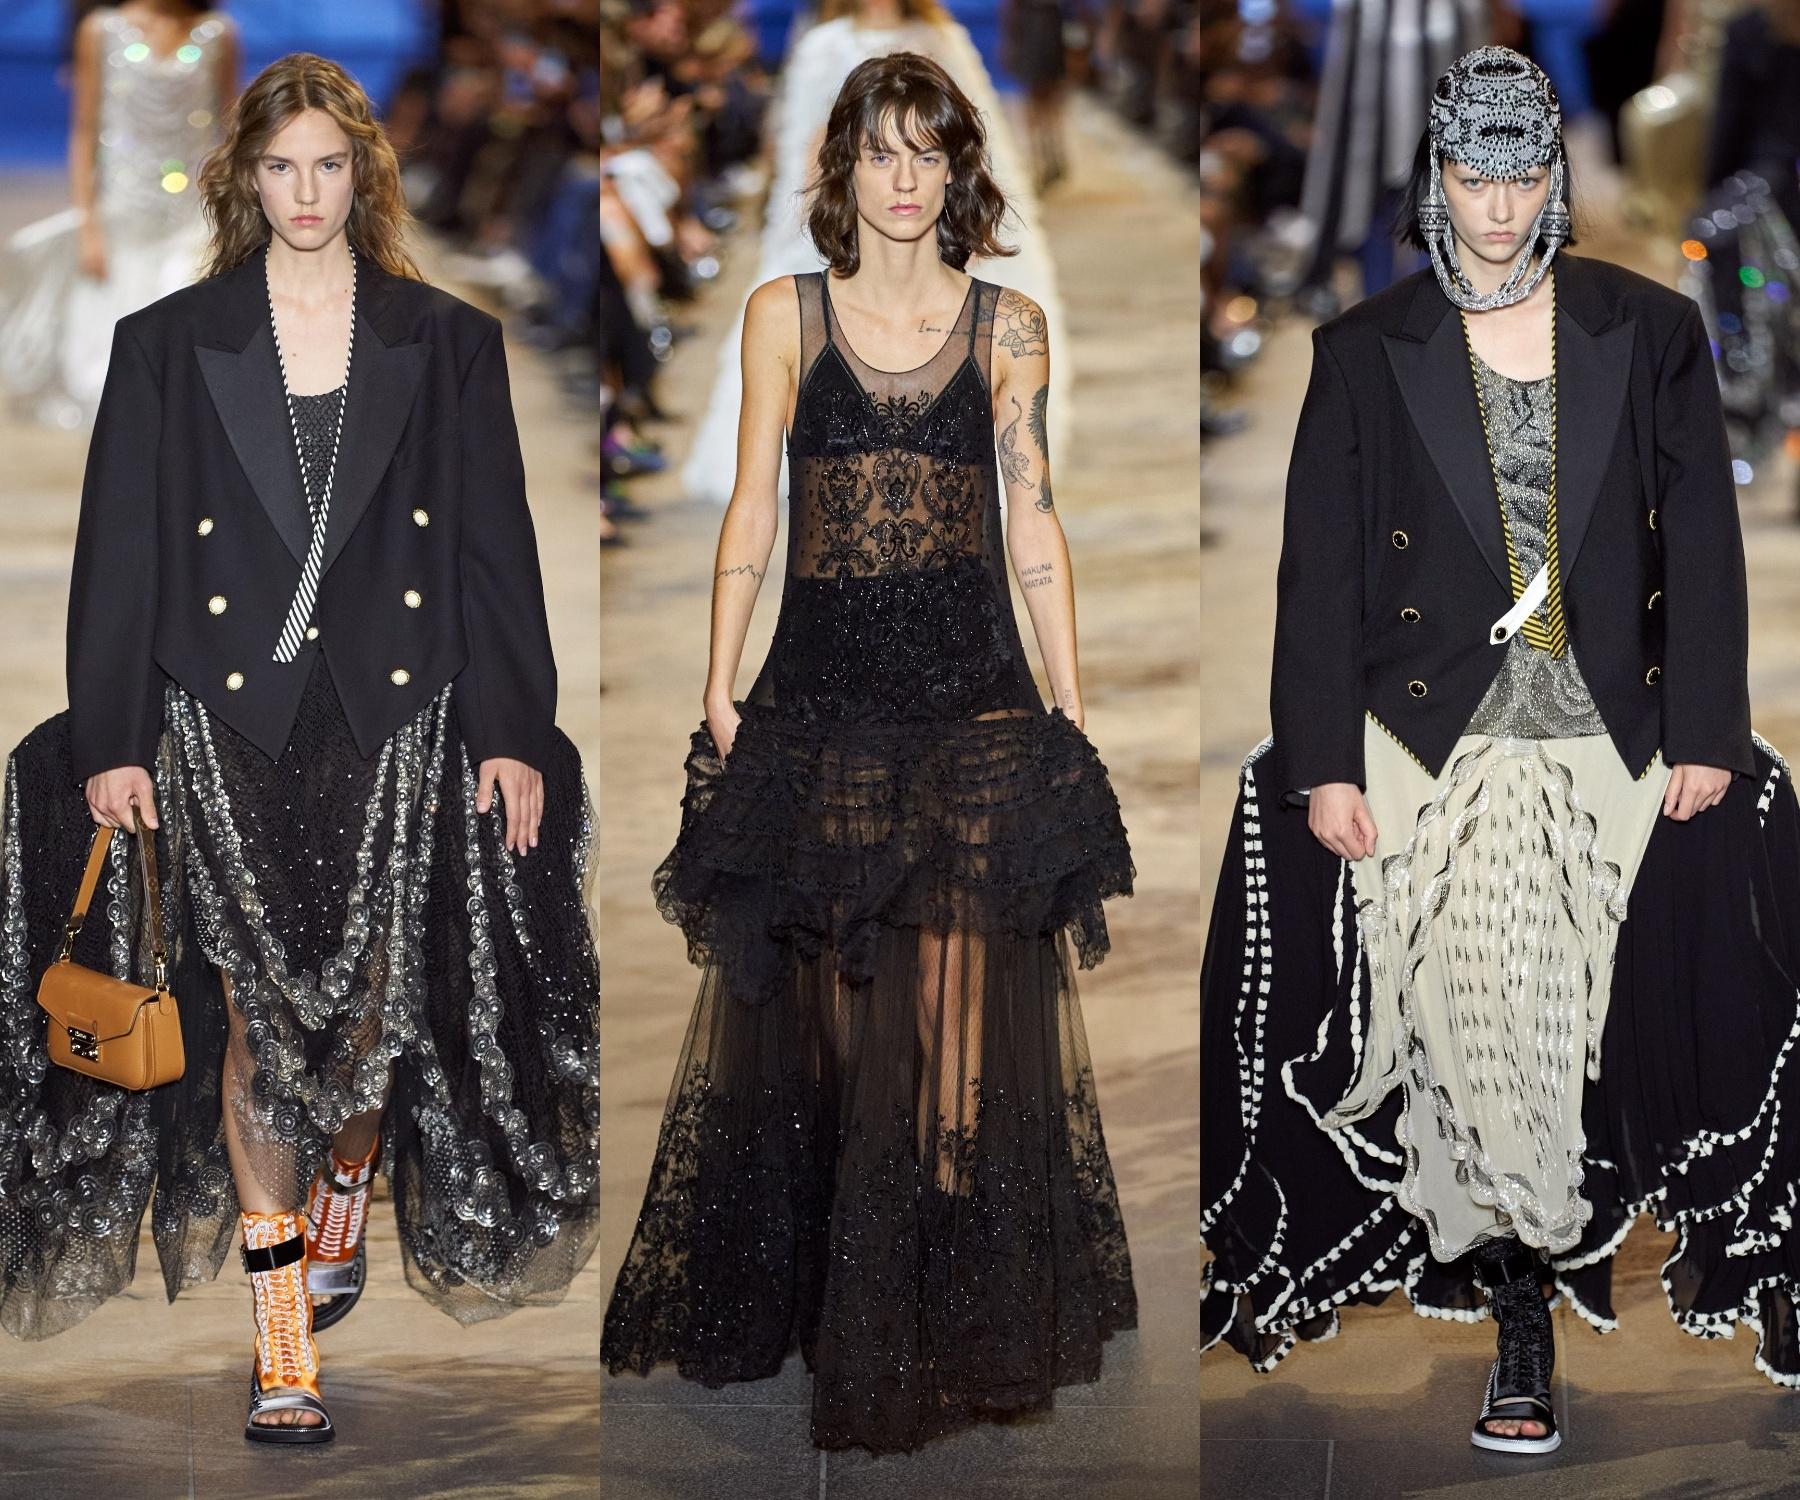 Неделя моды в Париже: подборка самых интересных коллекций — от Chanel до Balenciaga (ФОТО) - фото №3